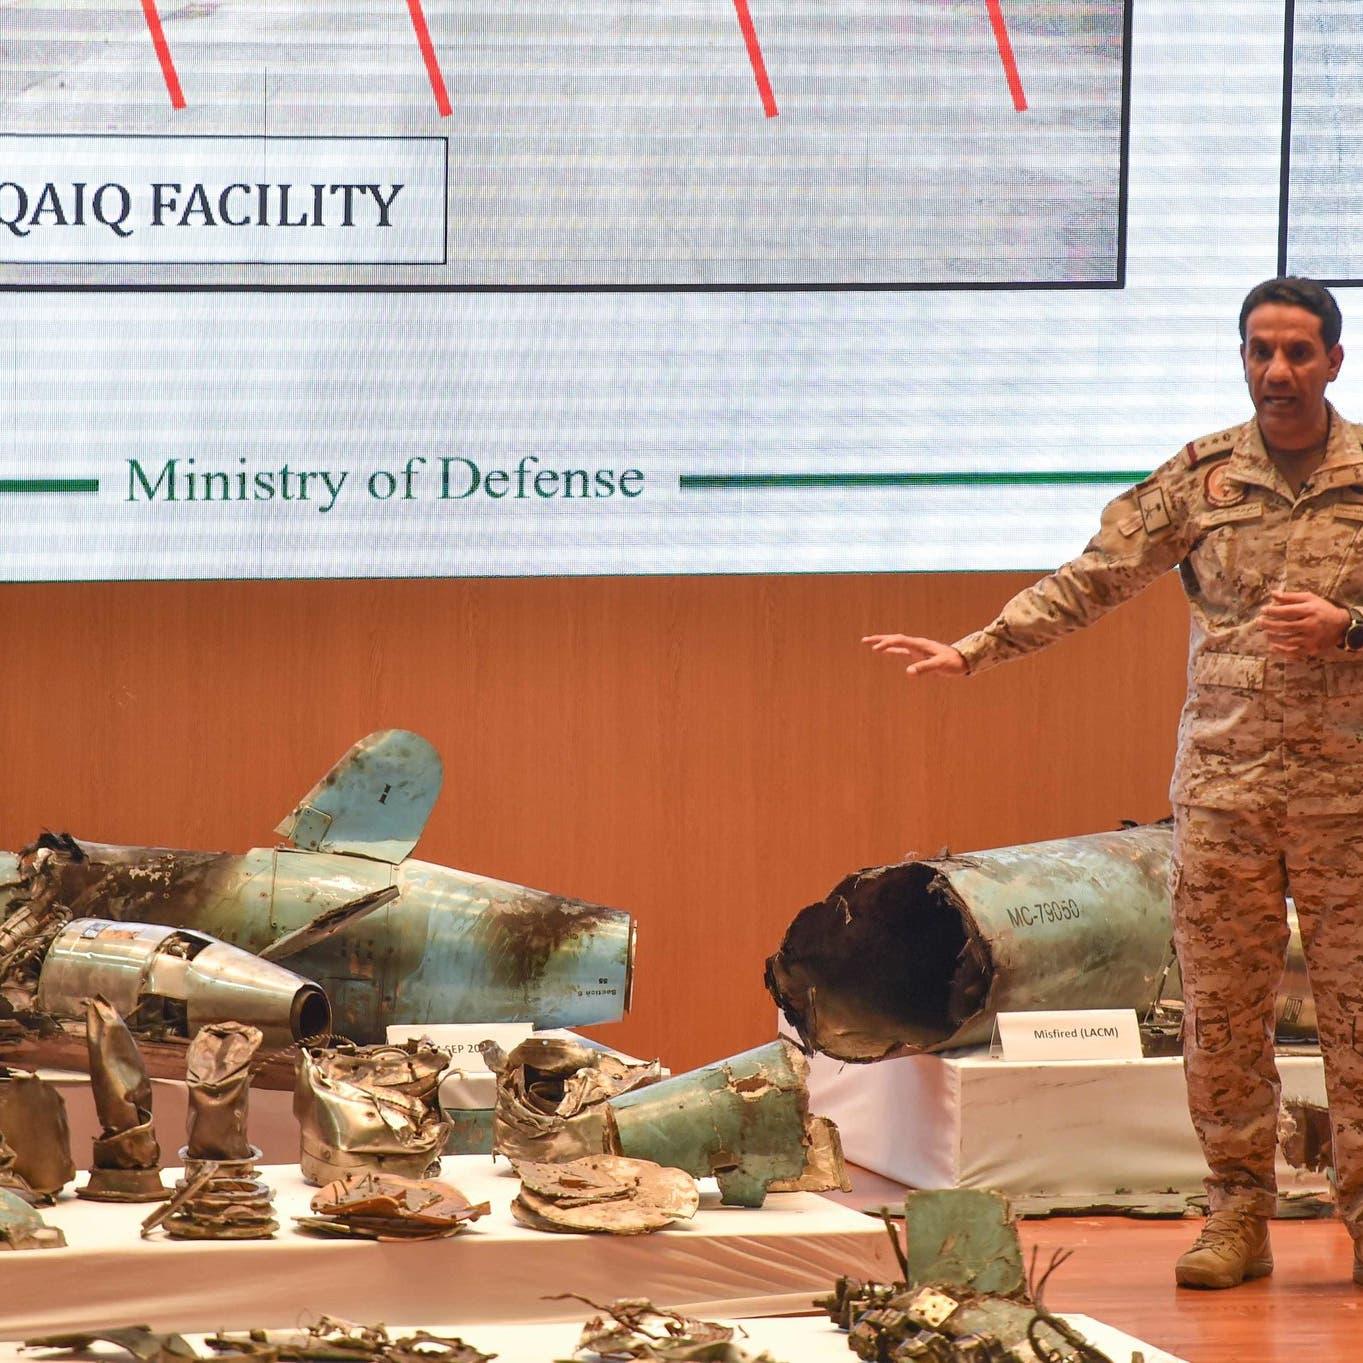 إدارة ترمب تدرس خيارات معاقبة إيران رداً على هجمات أرامكو